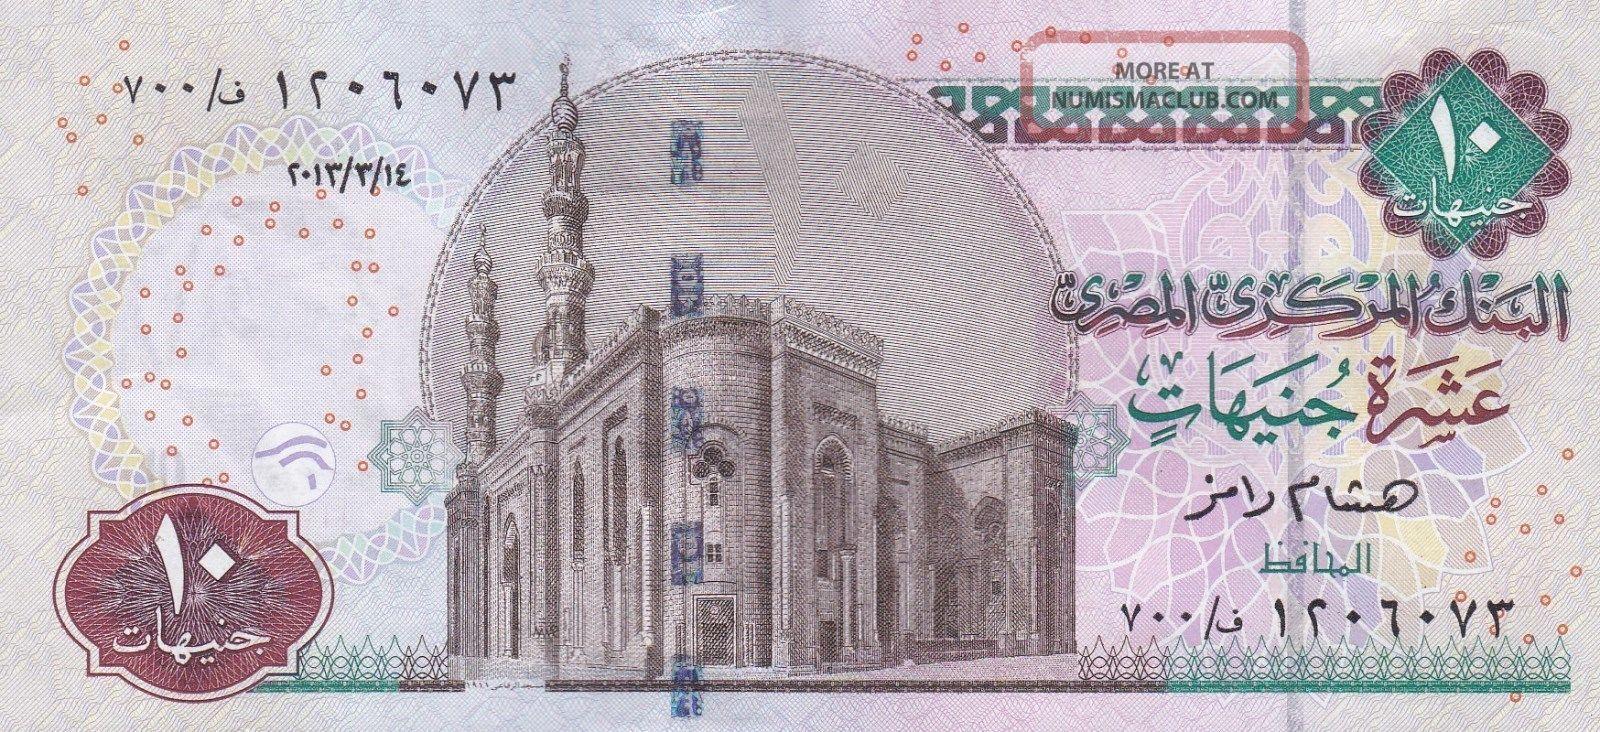 EGYPT 10 POUNDS 1974 P 46 SIGN 14 UNC